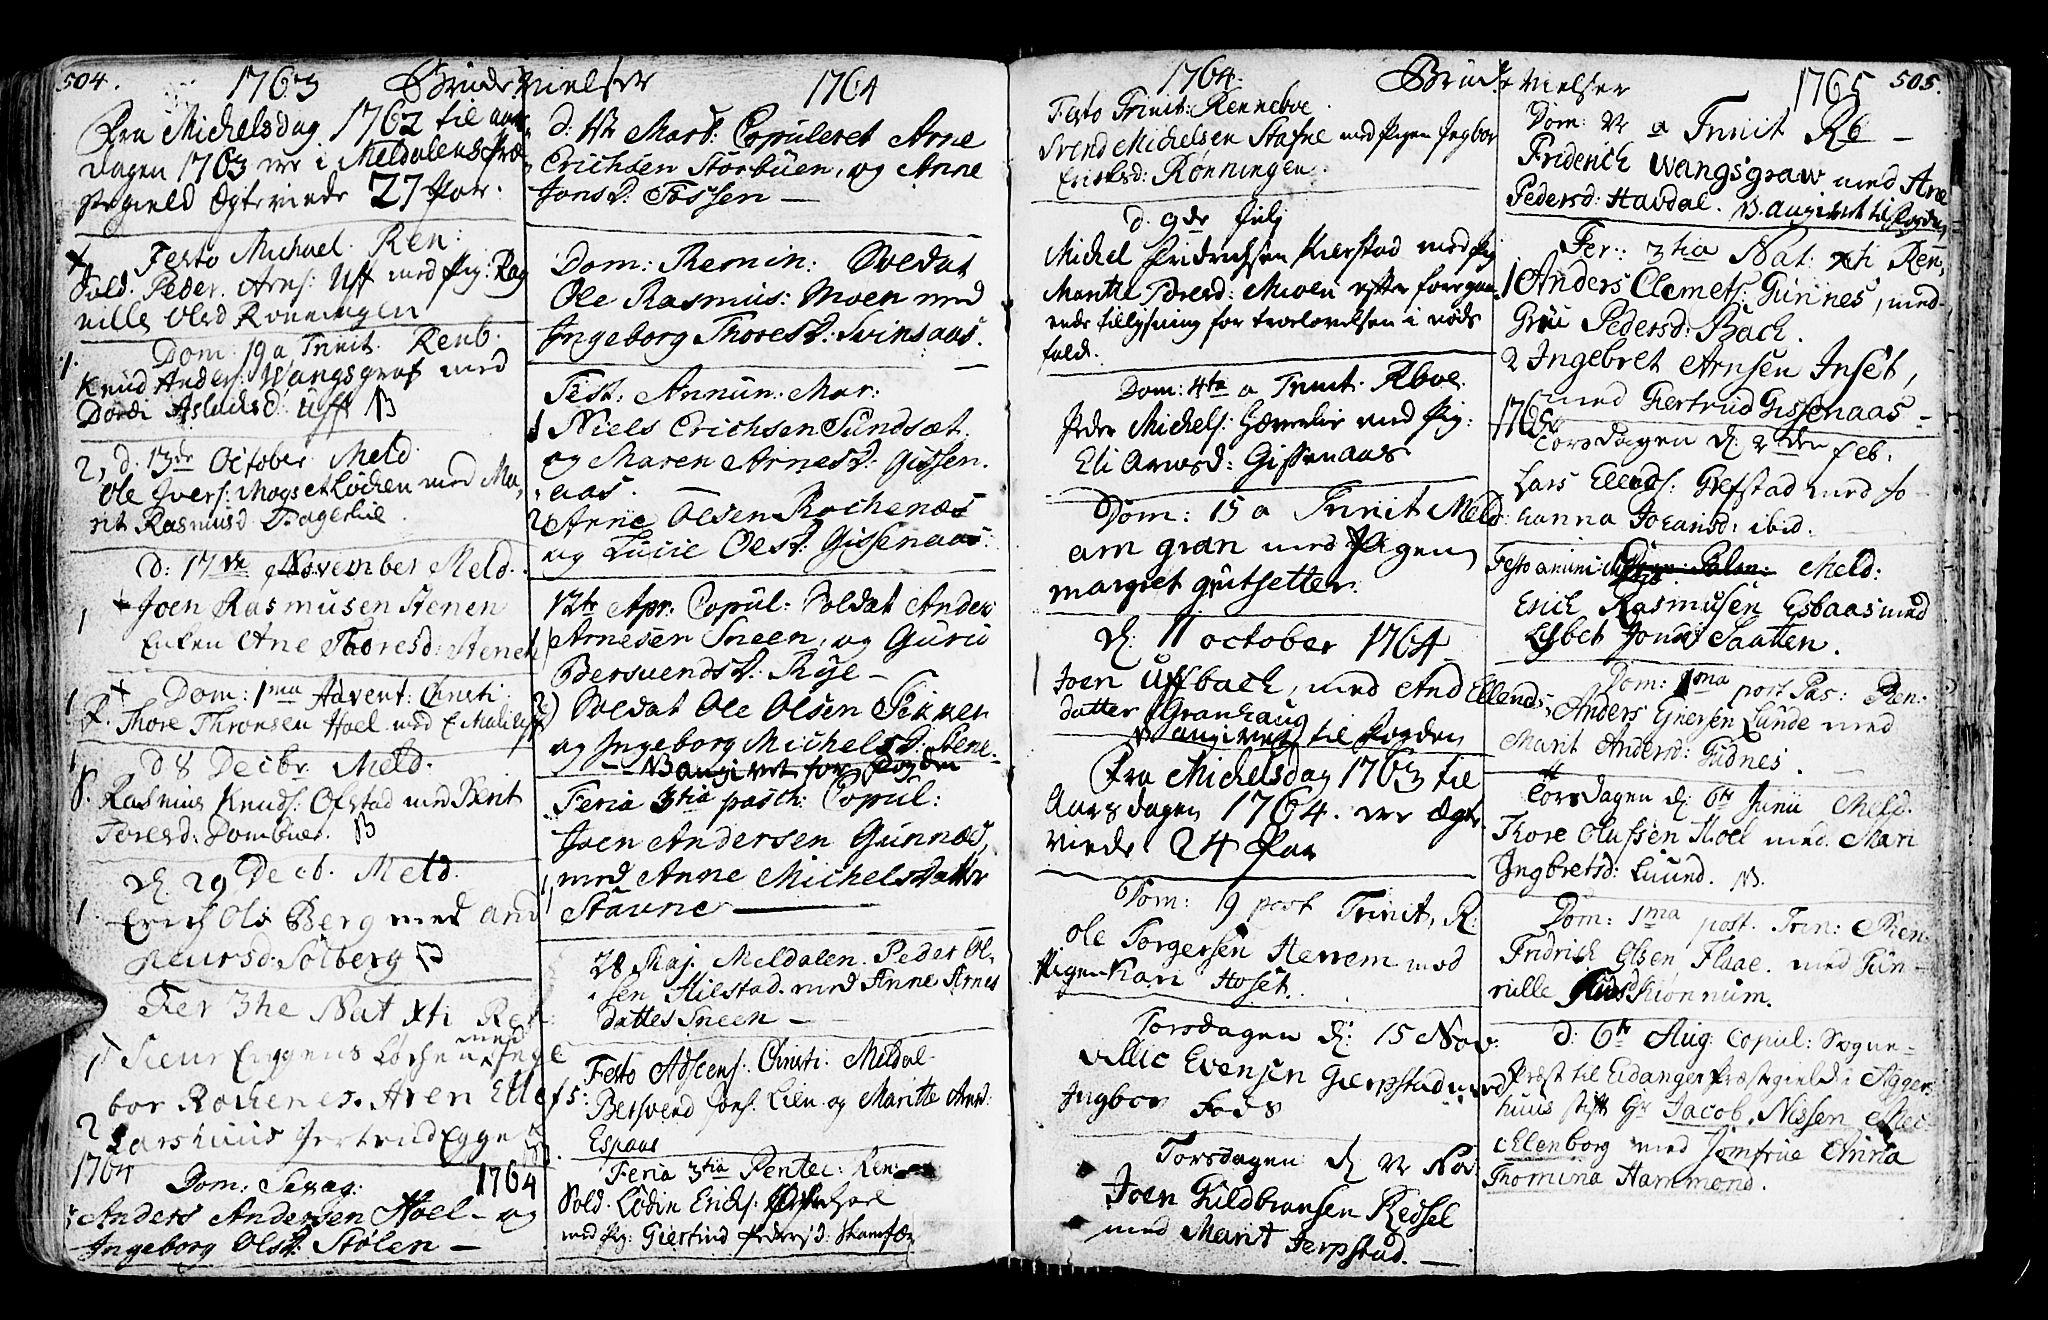 SAT, Ministerialprotokoller, klokkerbøker og fødselsregistre - Sør-Trøndelag, 672/L0851: Ministerialbok nr. 672A04, 1751-1775, s. 504-505